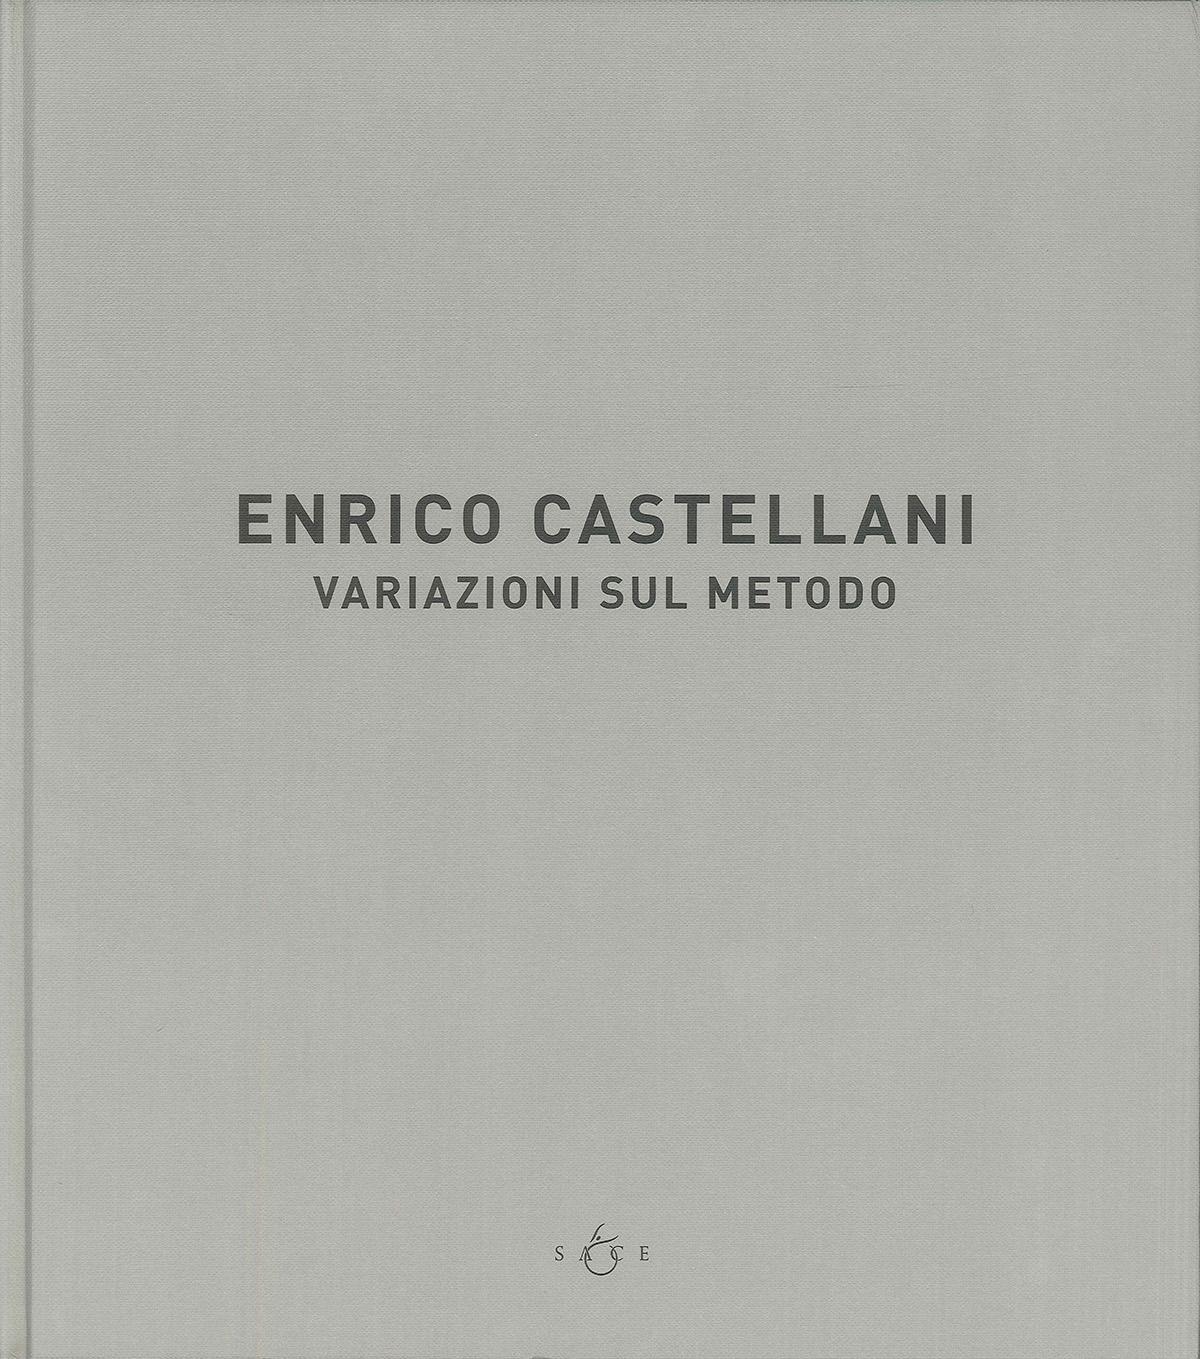 Cover - Enrico Castellani. Variazioni sul metodo, Bruno Corà, 2005/2006, Museo Pushkin delle Belle Arti, Mosca (RUS)